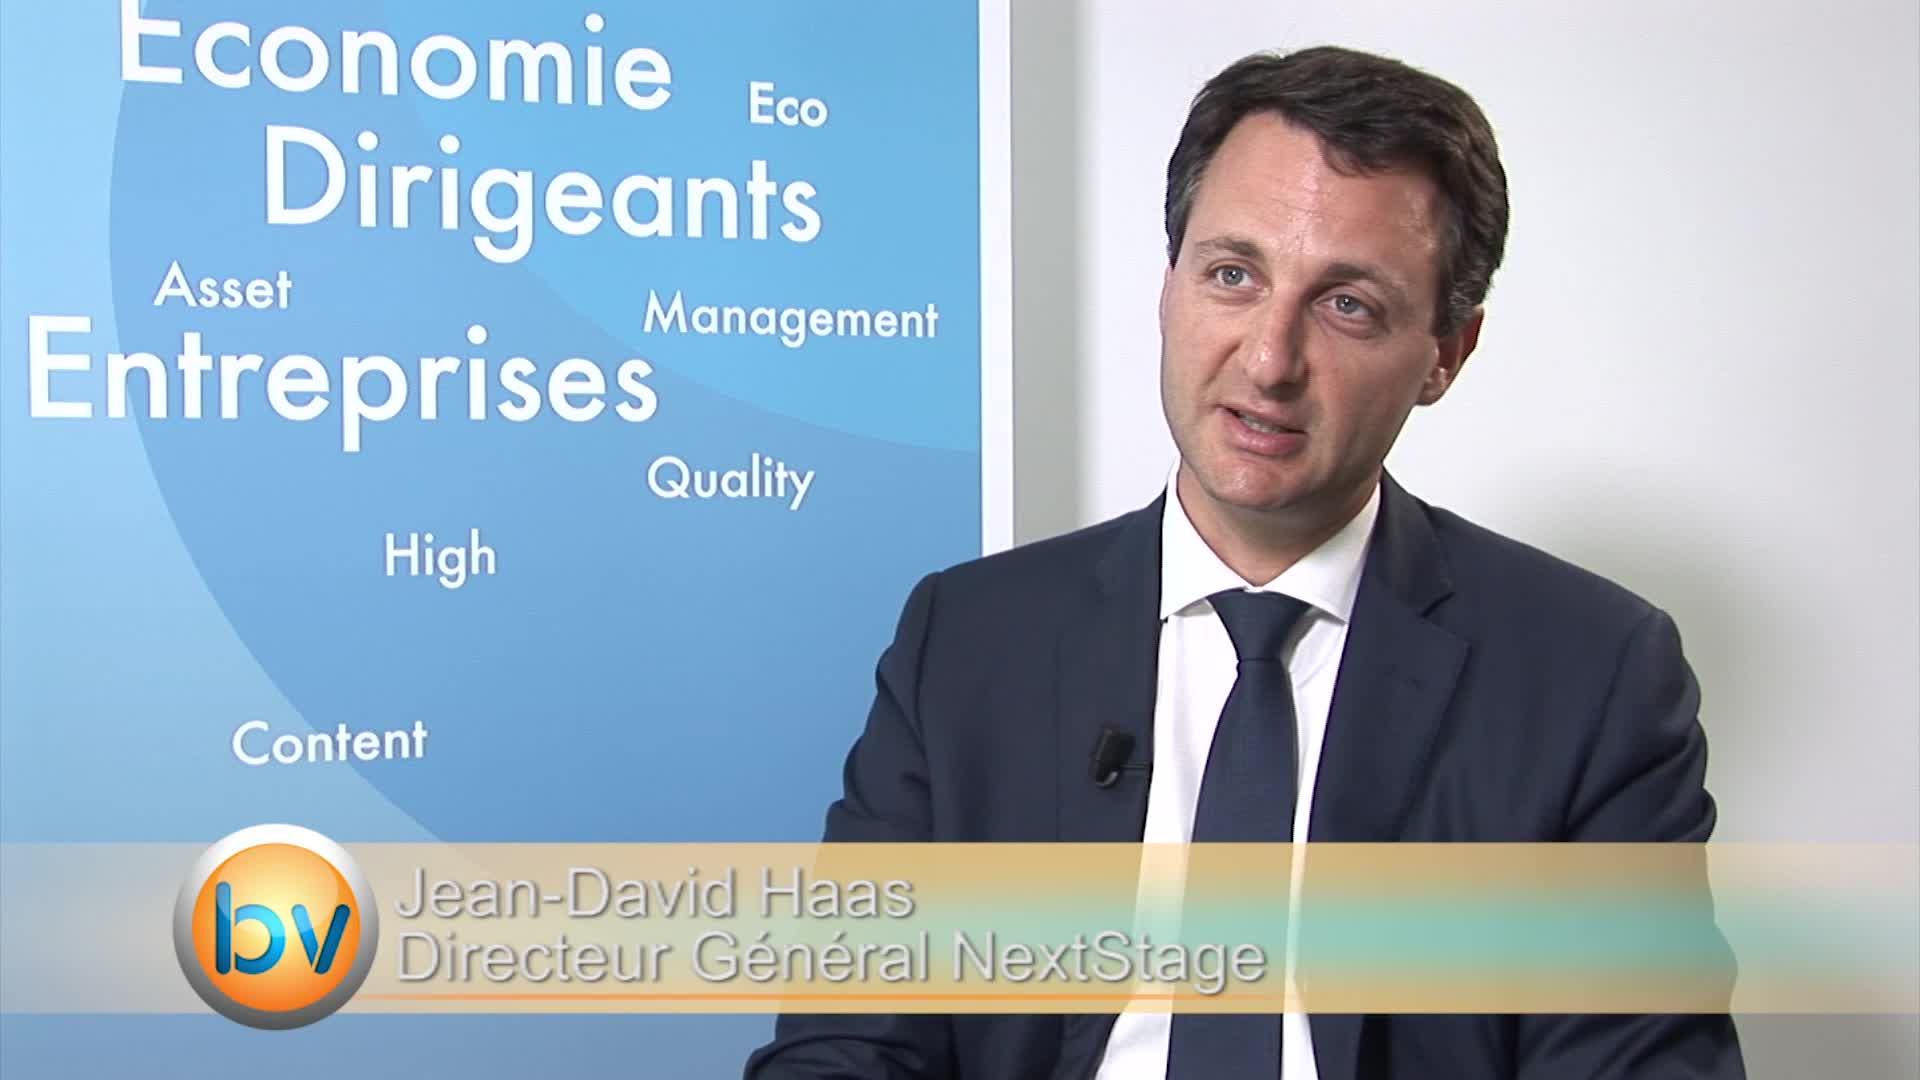 """Jean-David Haas Directeur Général NextStage : """"Très forte corrélation entre innovation et international pour les entreprises"""""""